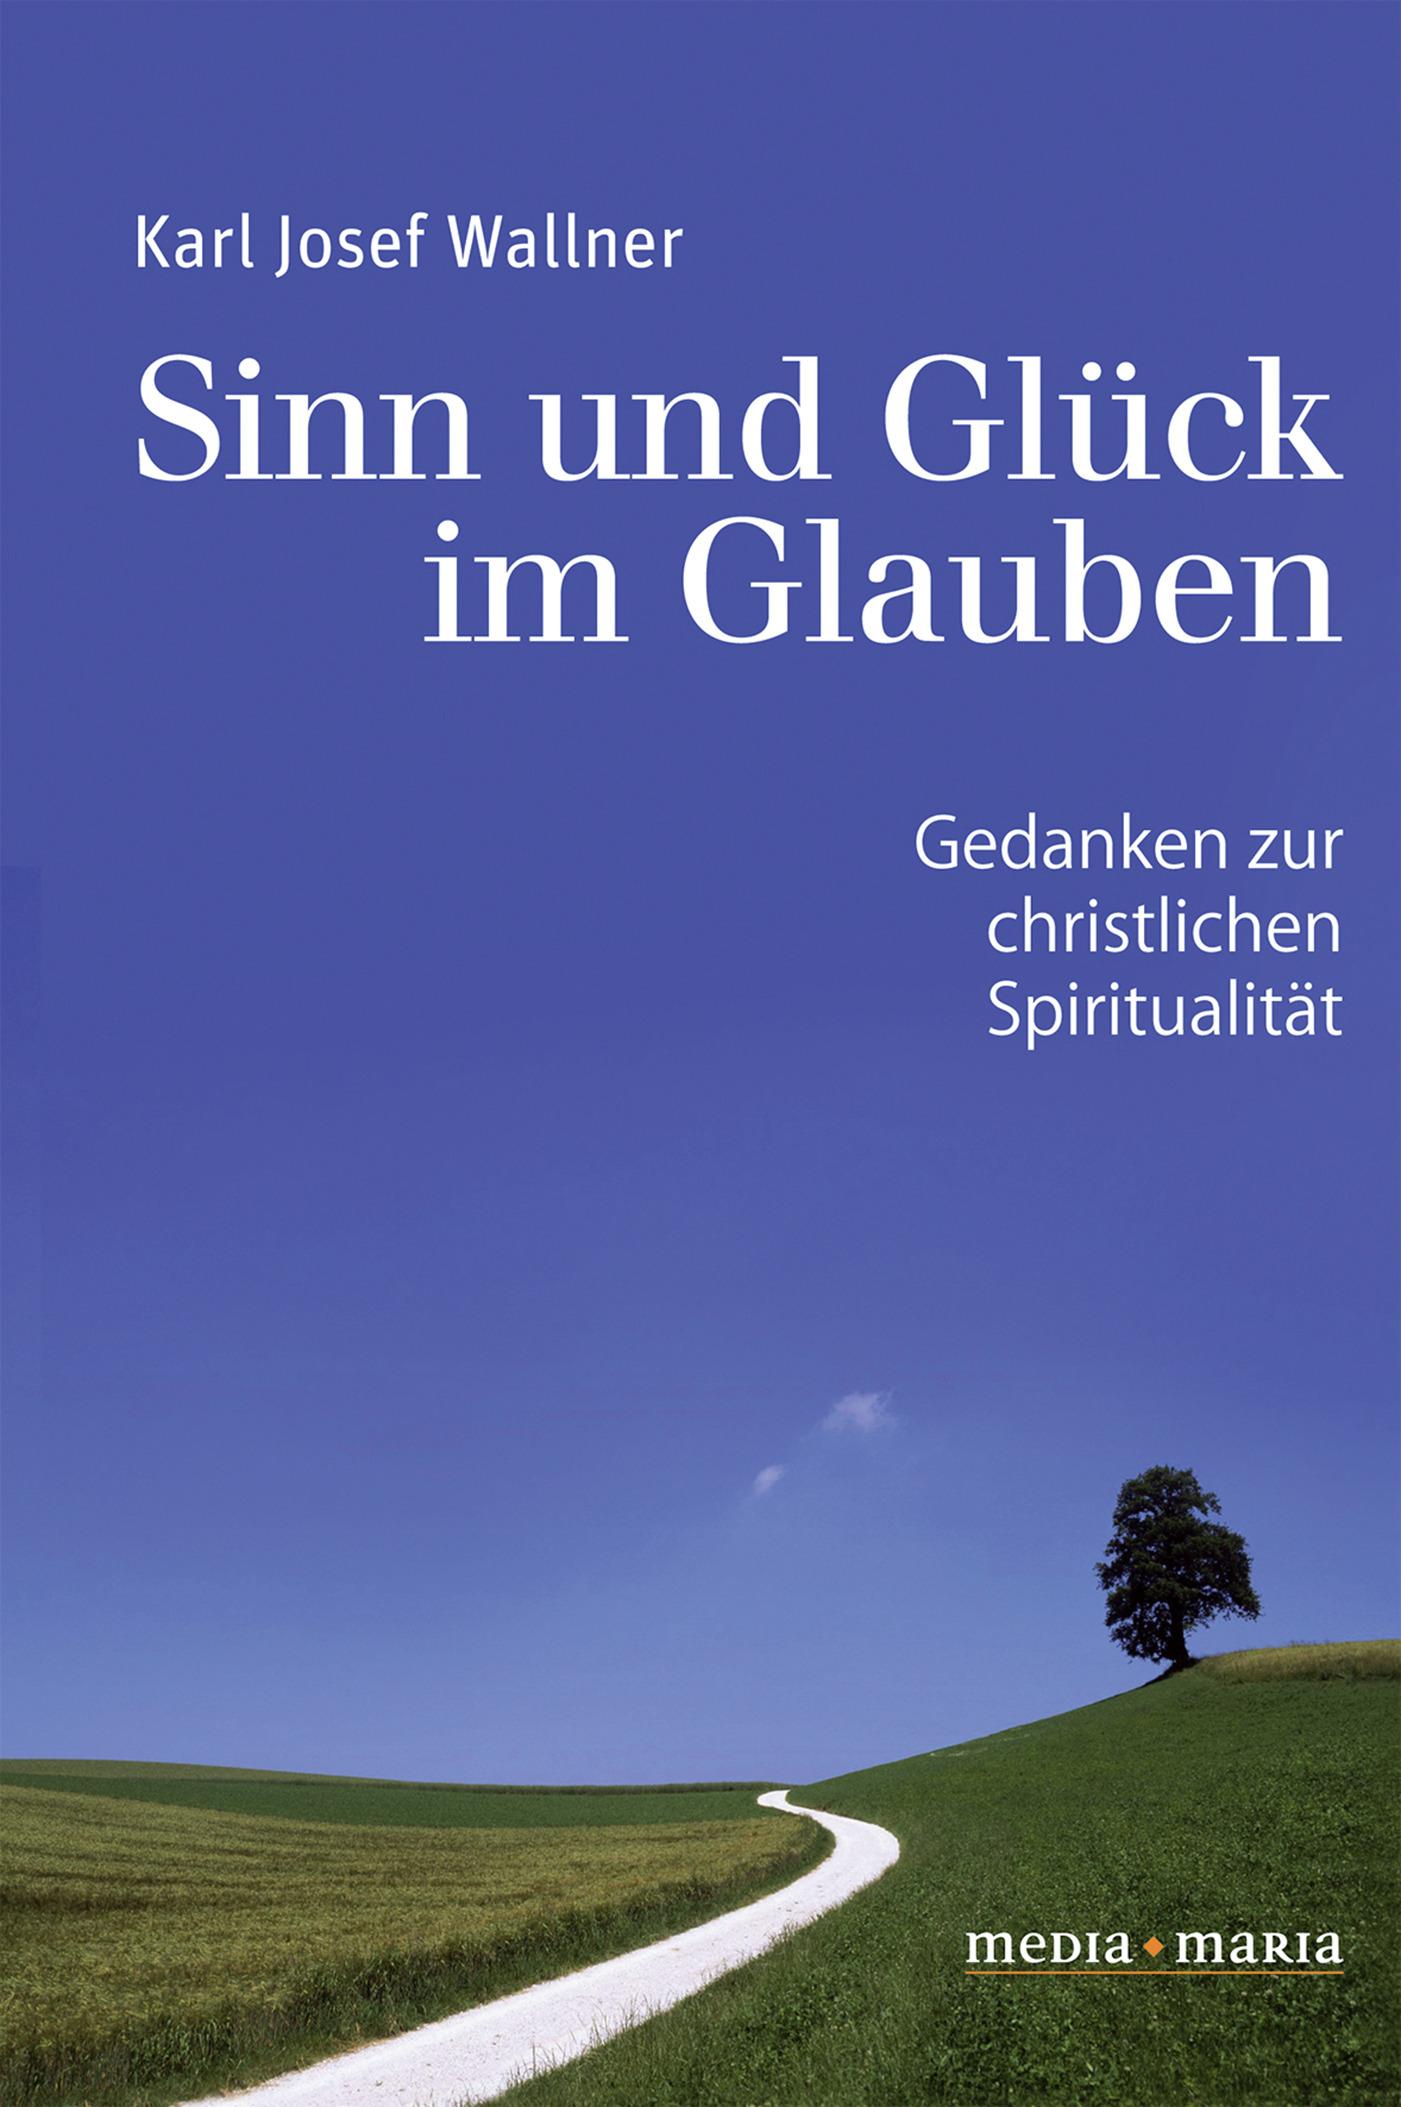 цены Karl Josef Wallner Sinn und Glück im Glauben